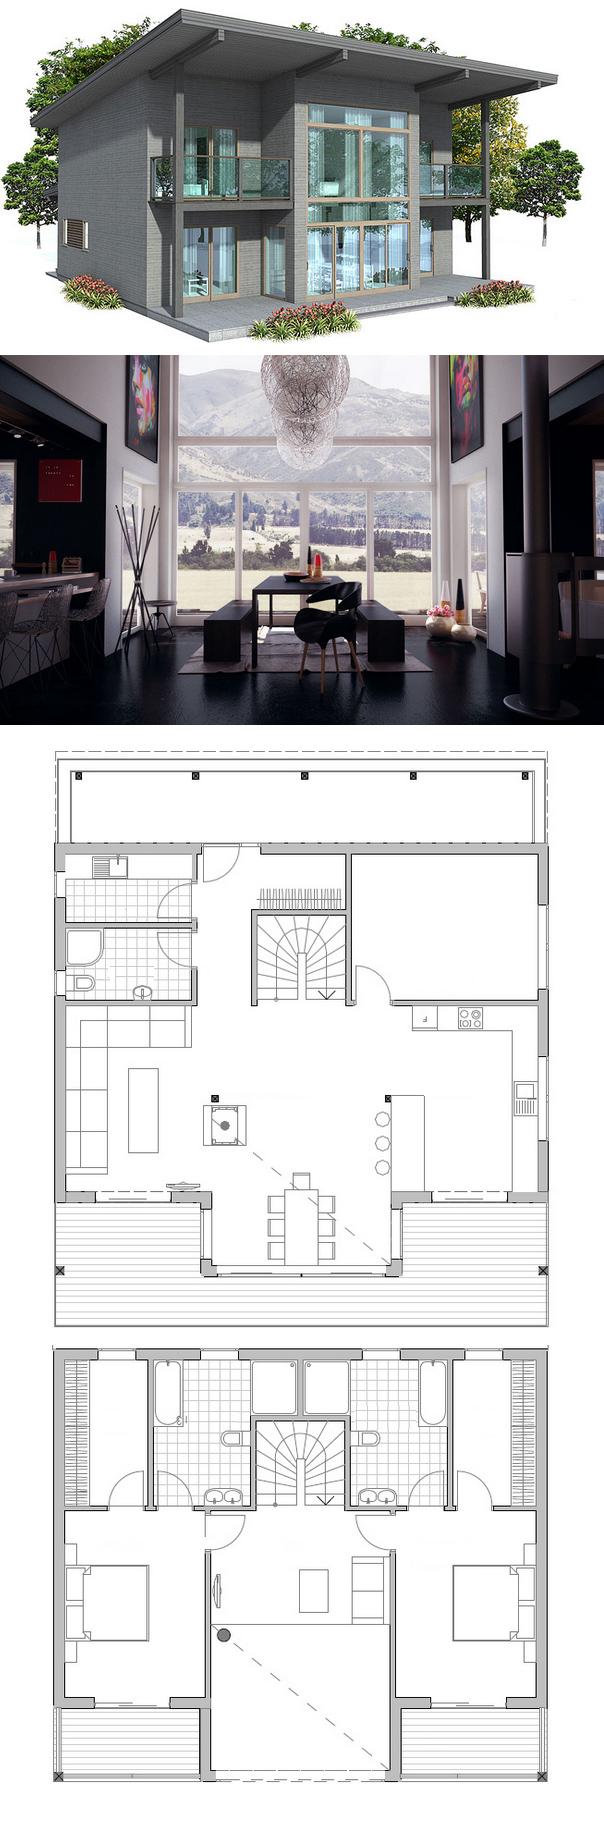 Plan De Maison Plan Maison Maison Et Construction Maison